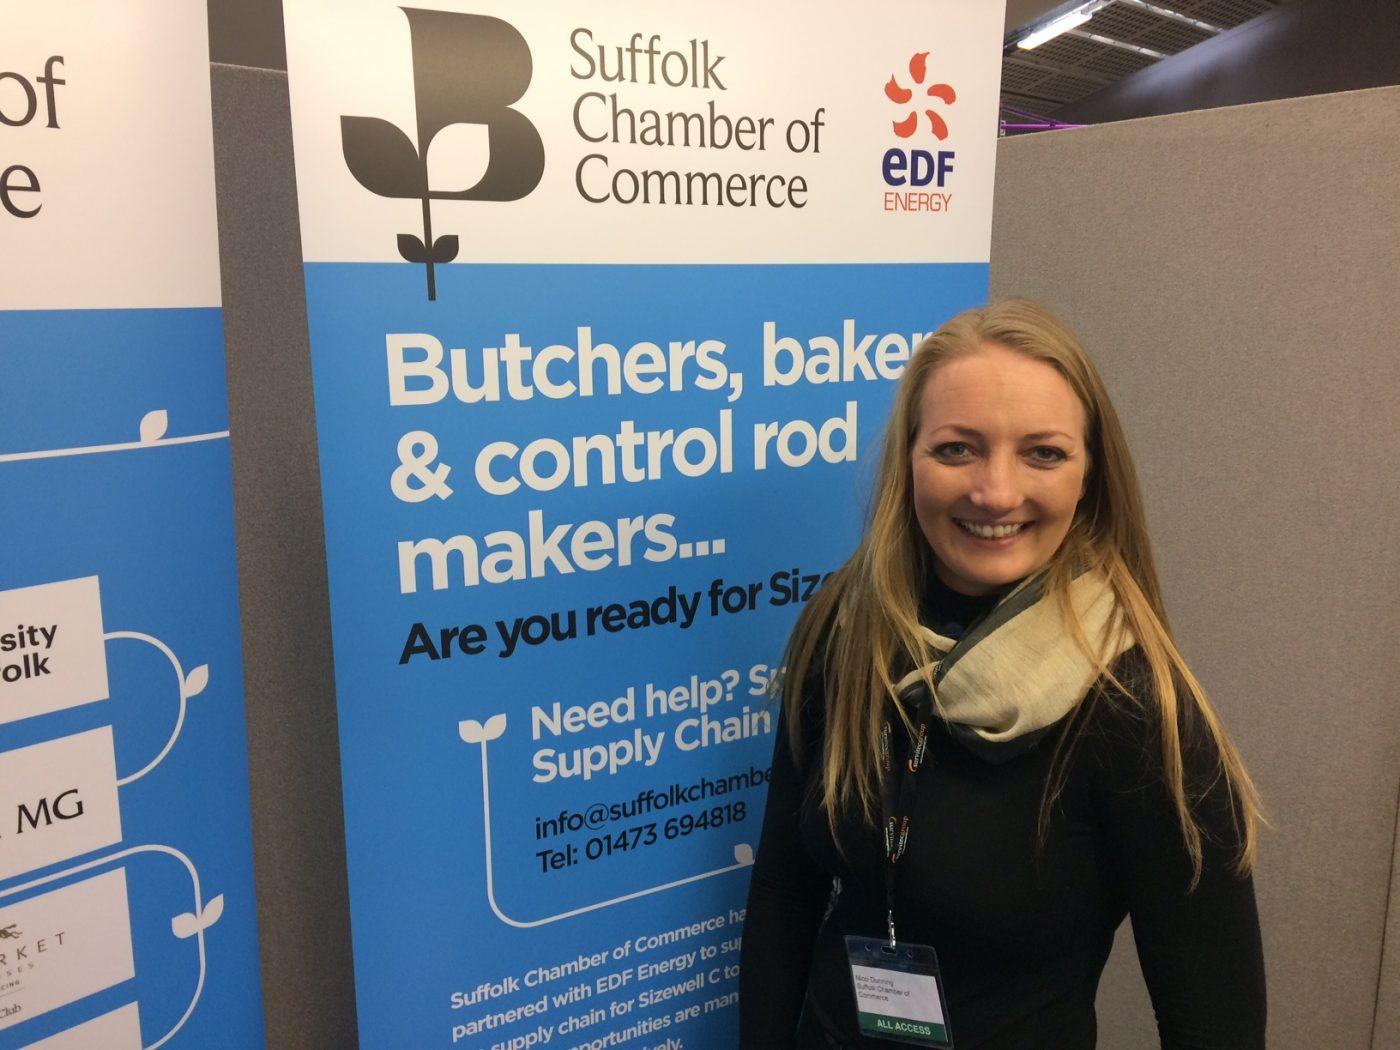 Nicci Dunning - Suffolk Chamber Business Development Officer